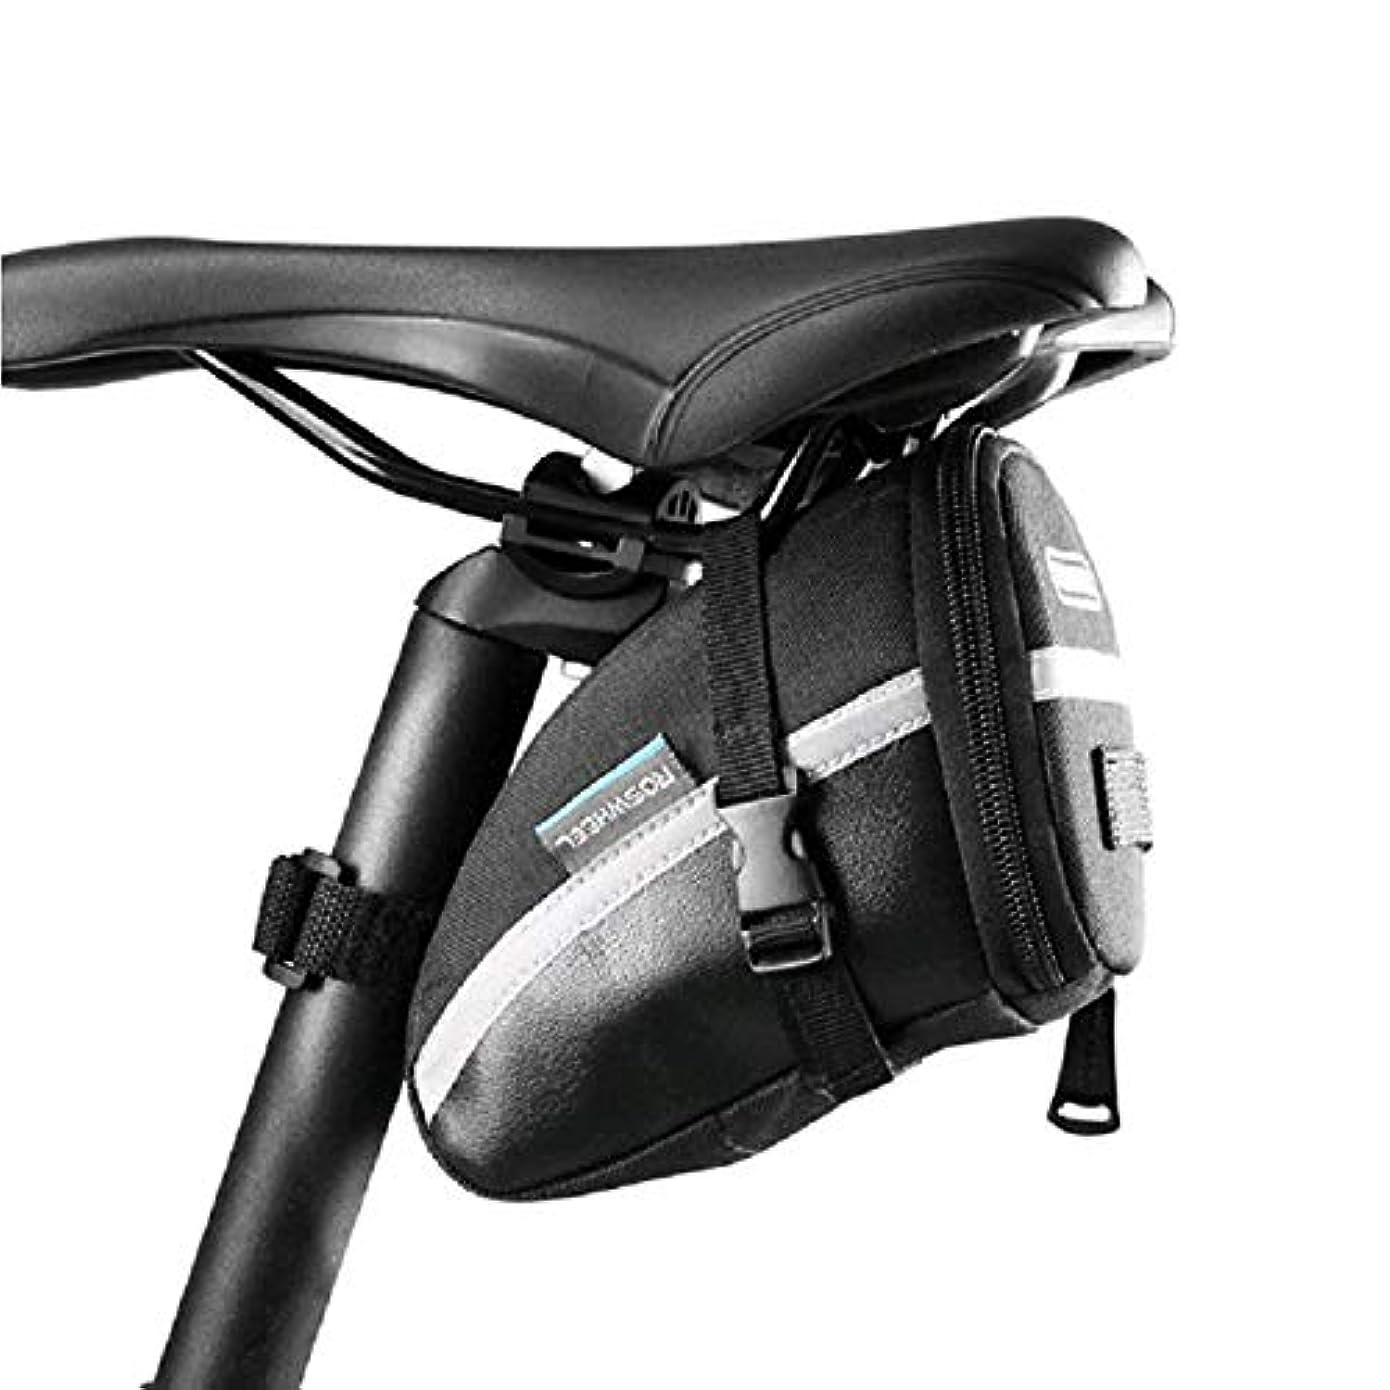 プール厚くする理想的自転車ストラップオン自転車サドルバッグ/自転車シートパックバッグ、サイクリングウェッジ形状バッグ